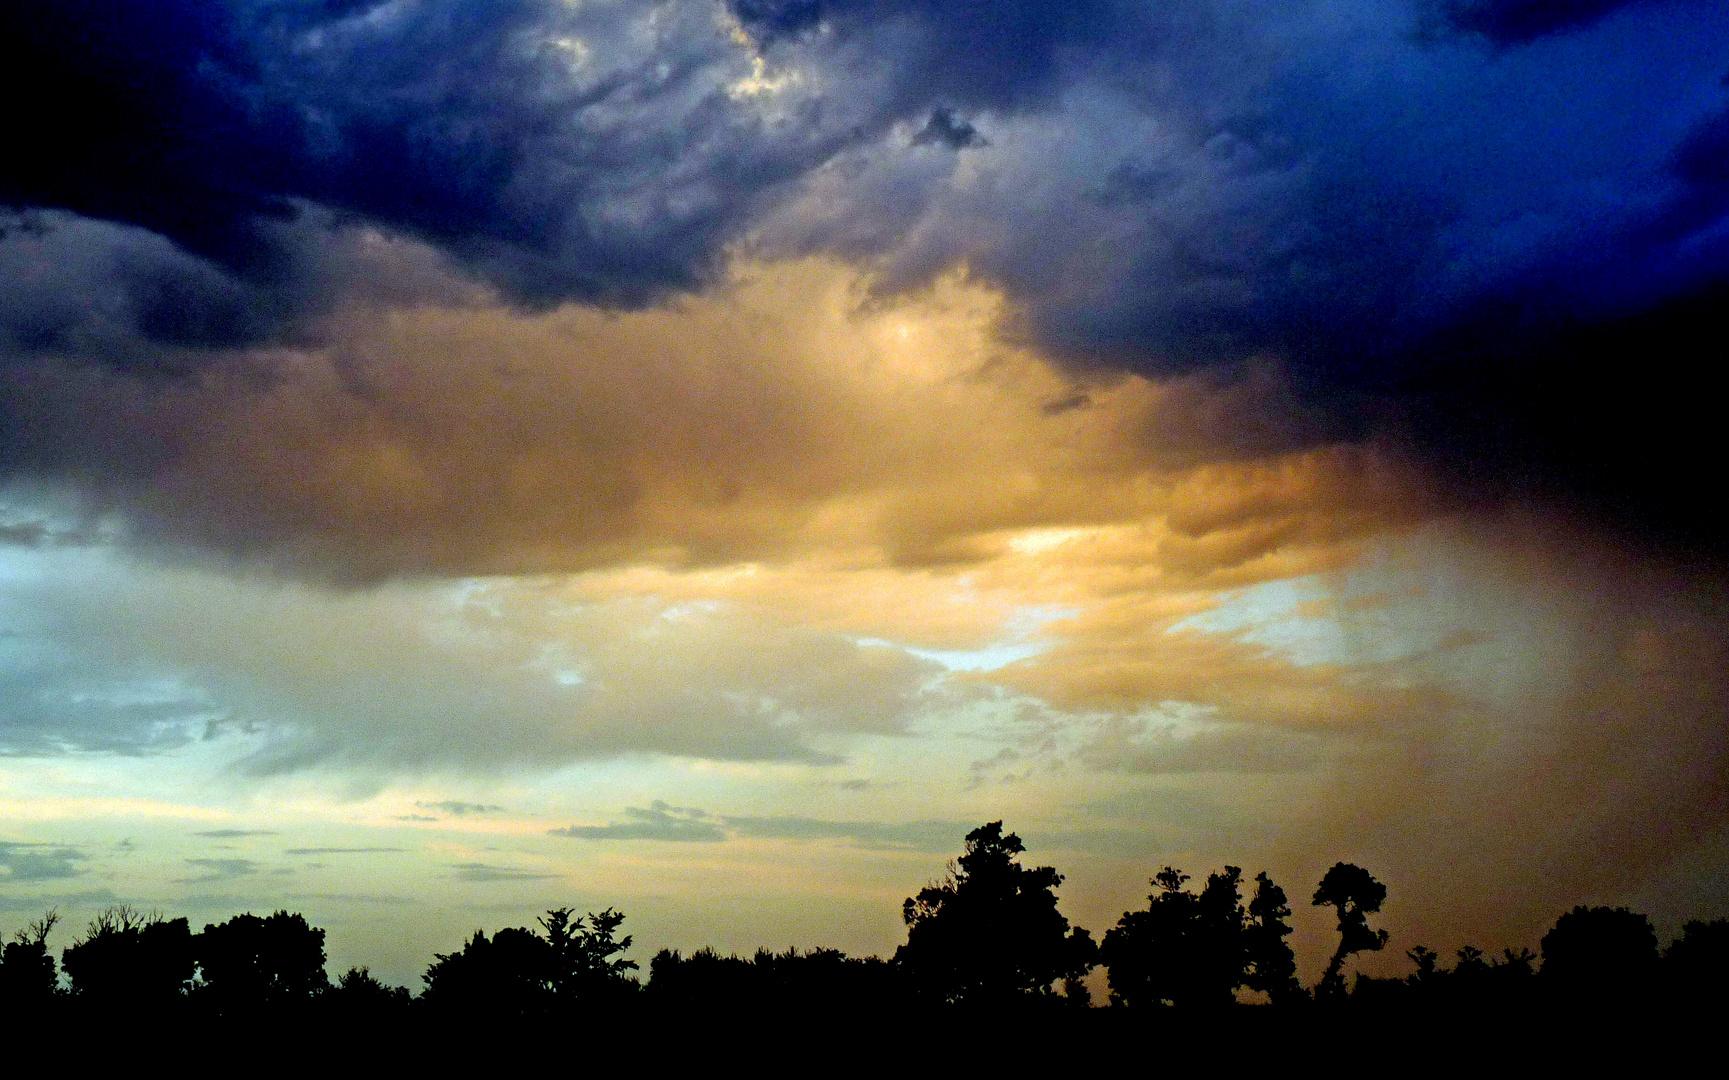 Ciel orageux d'été.